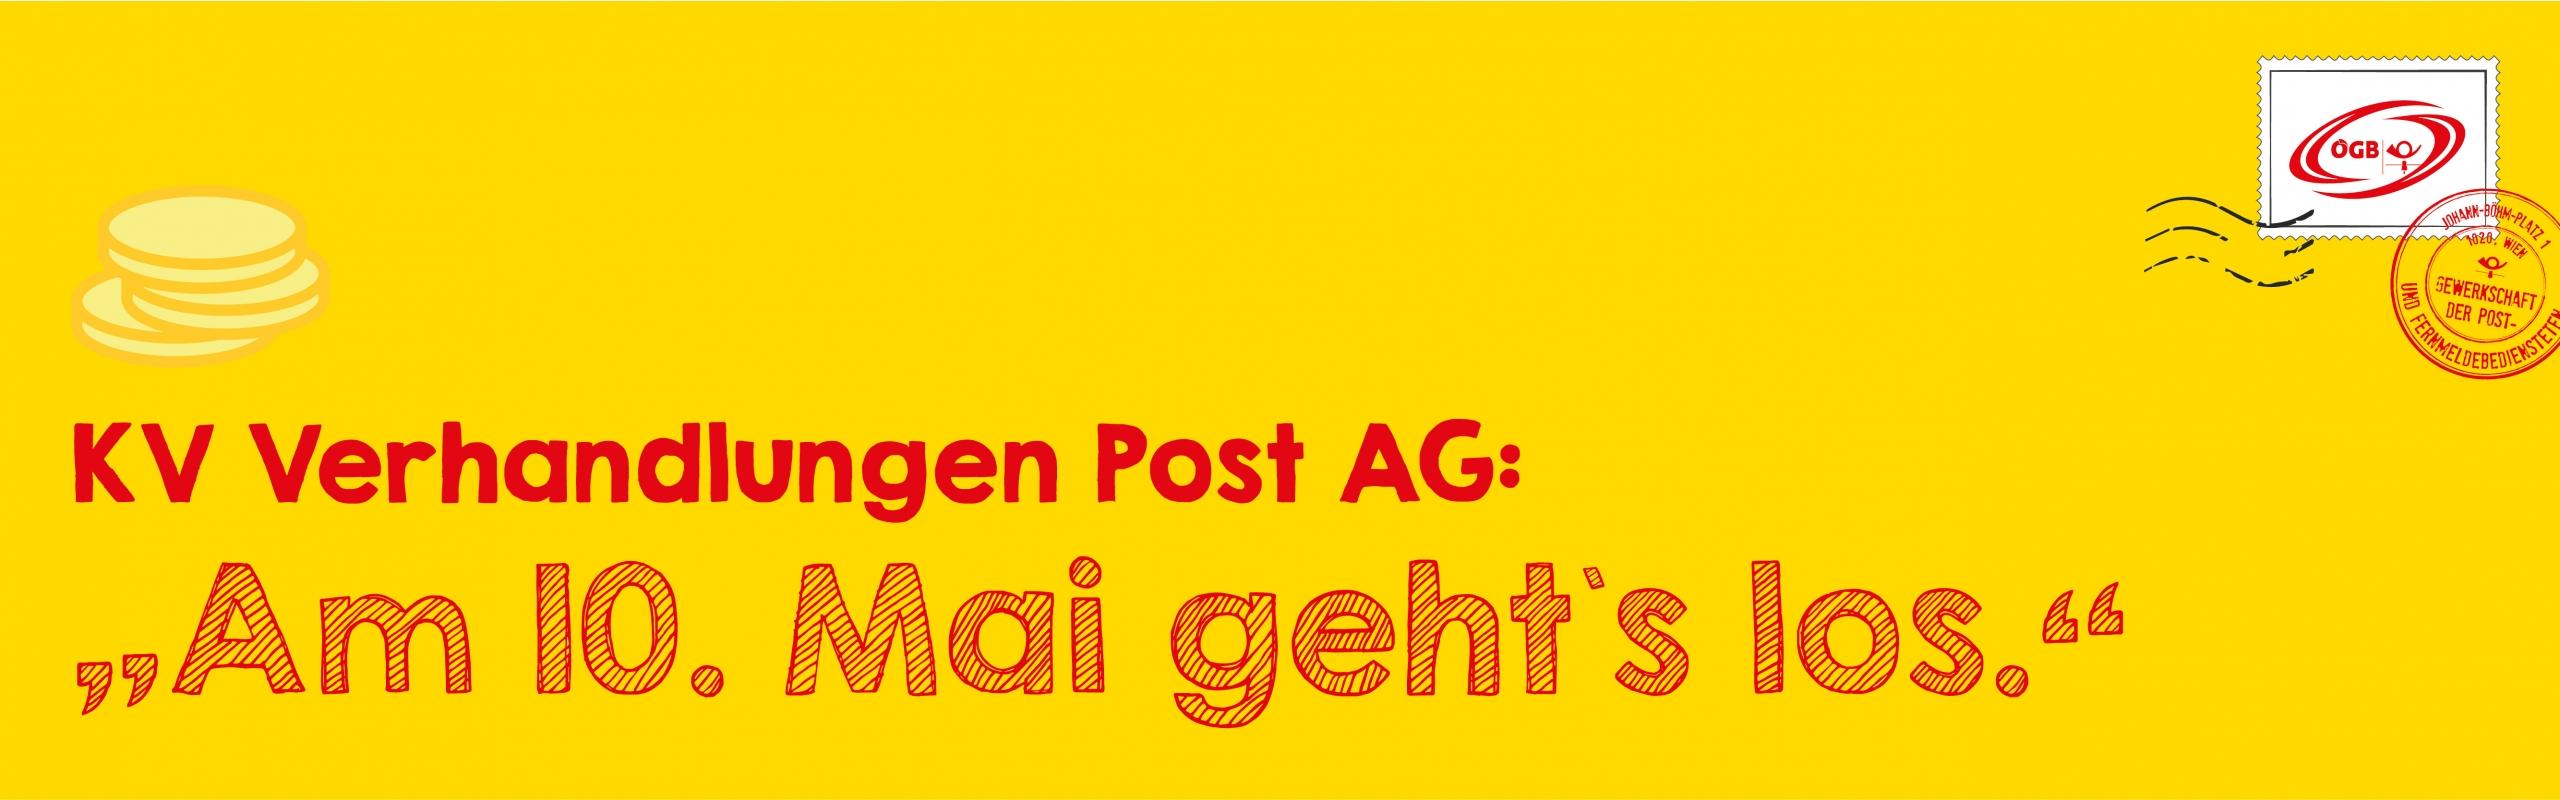 KV Verhandlungen Post AG_Banner